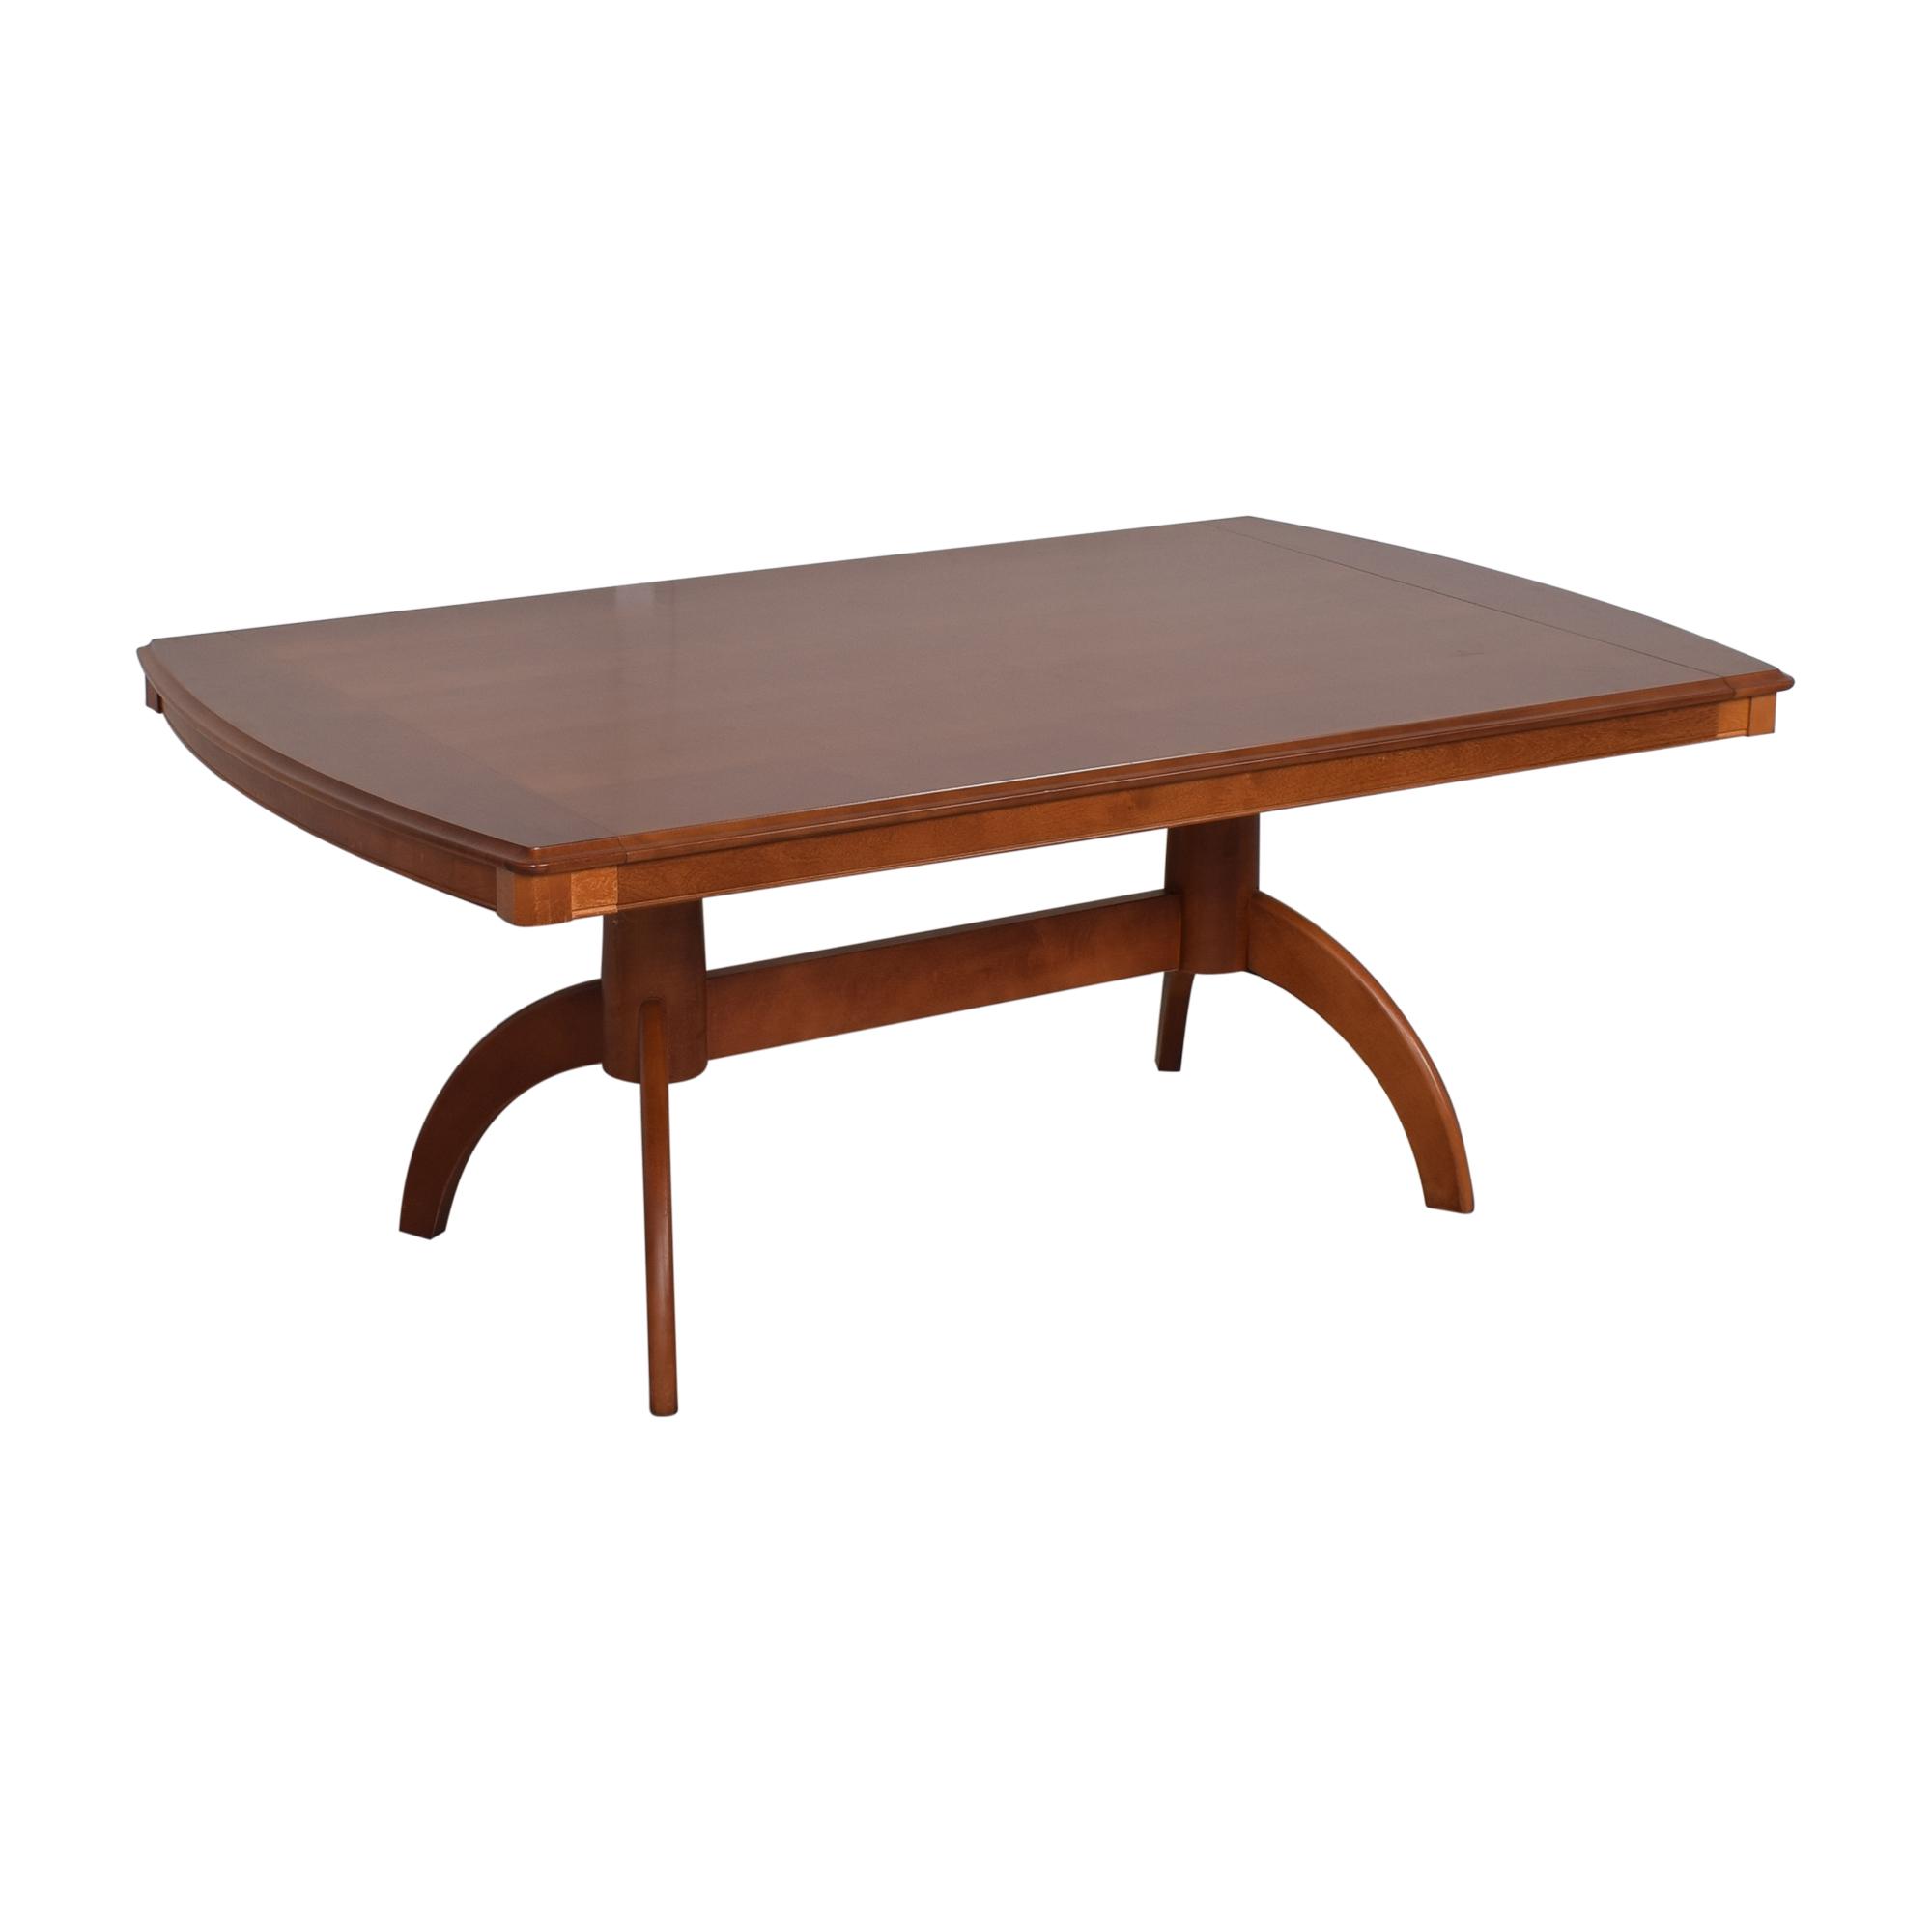 Bassett Furniture Bassett Extendable Dining Table on sale